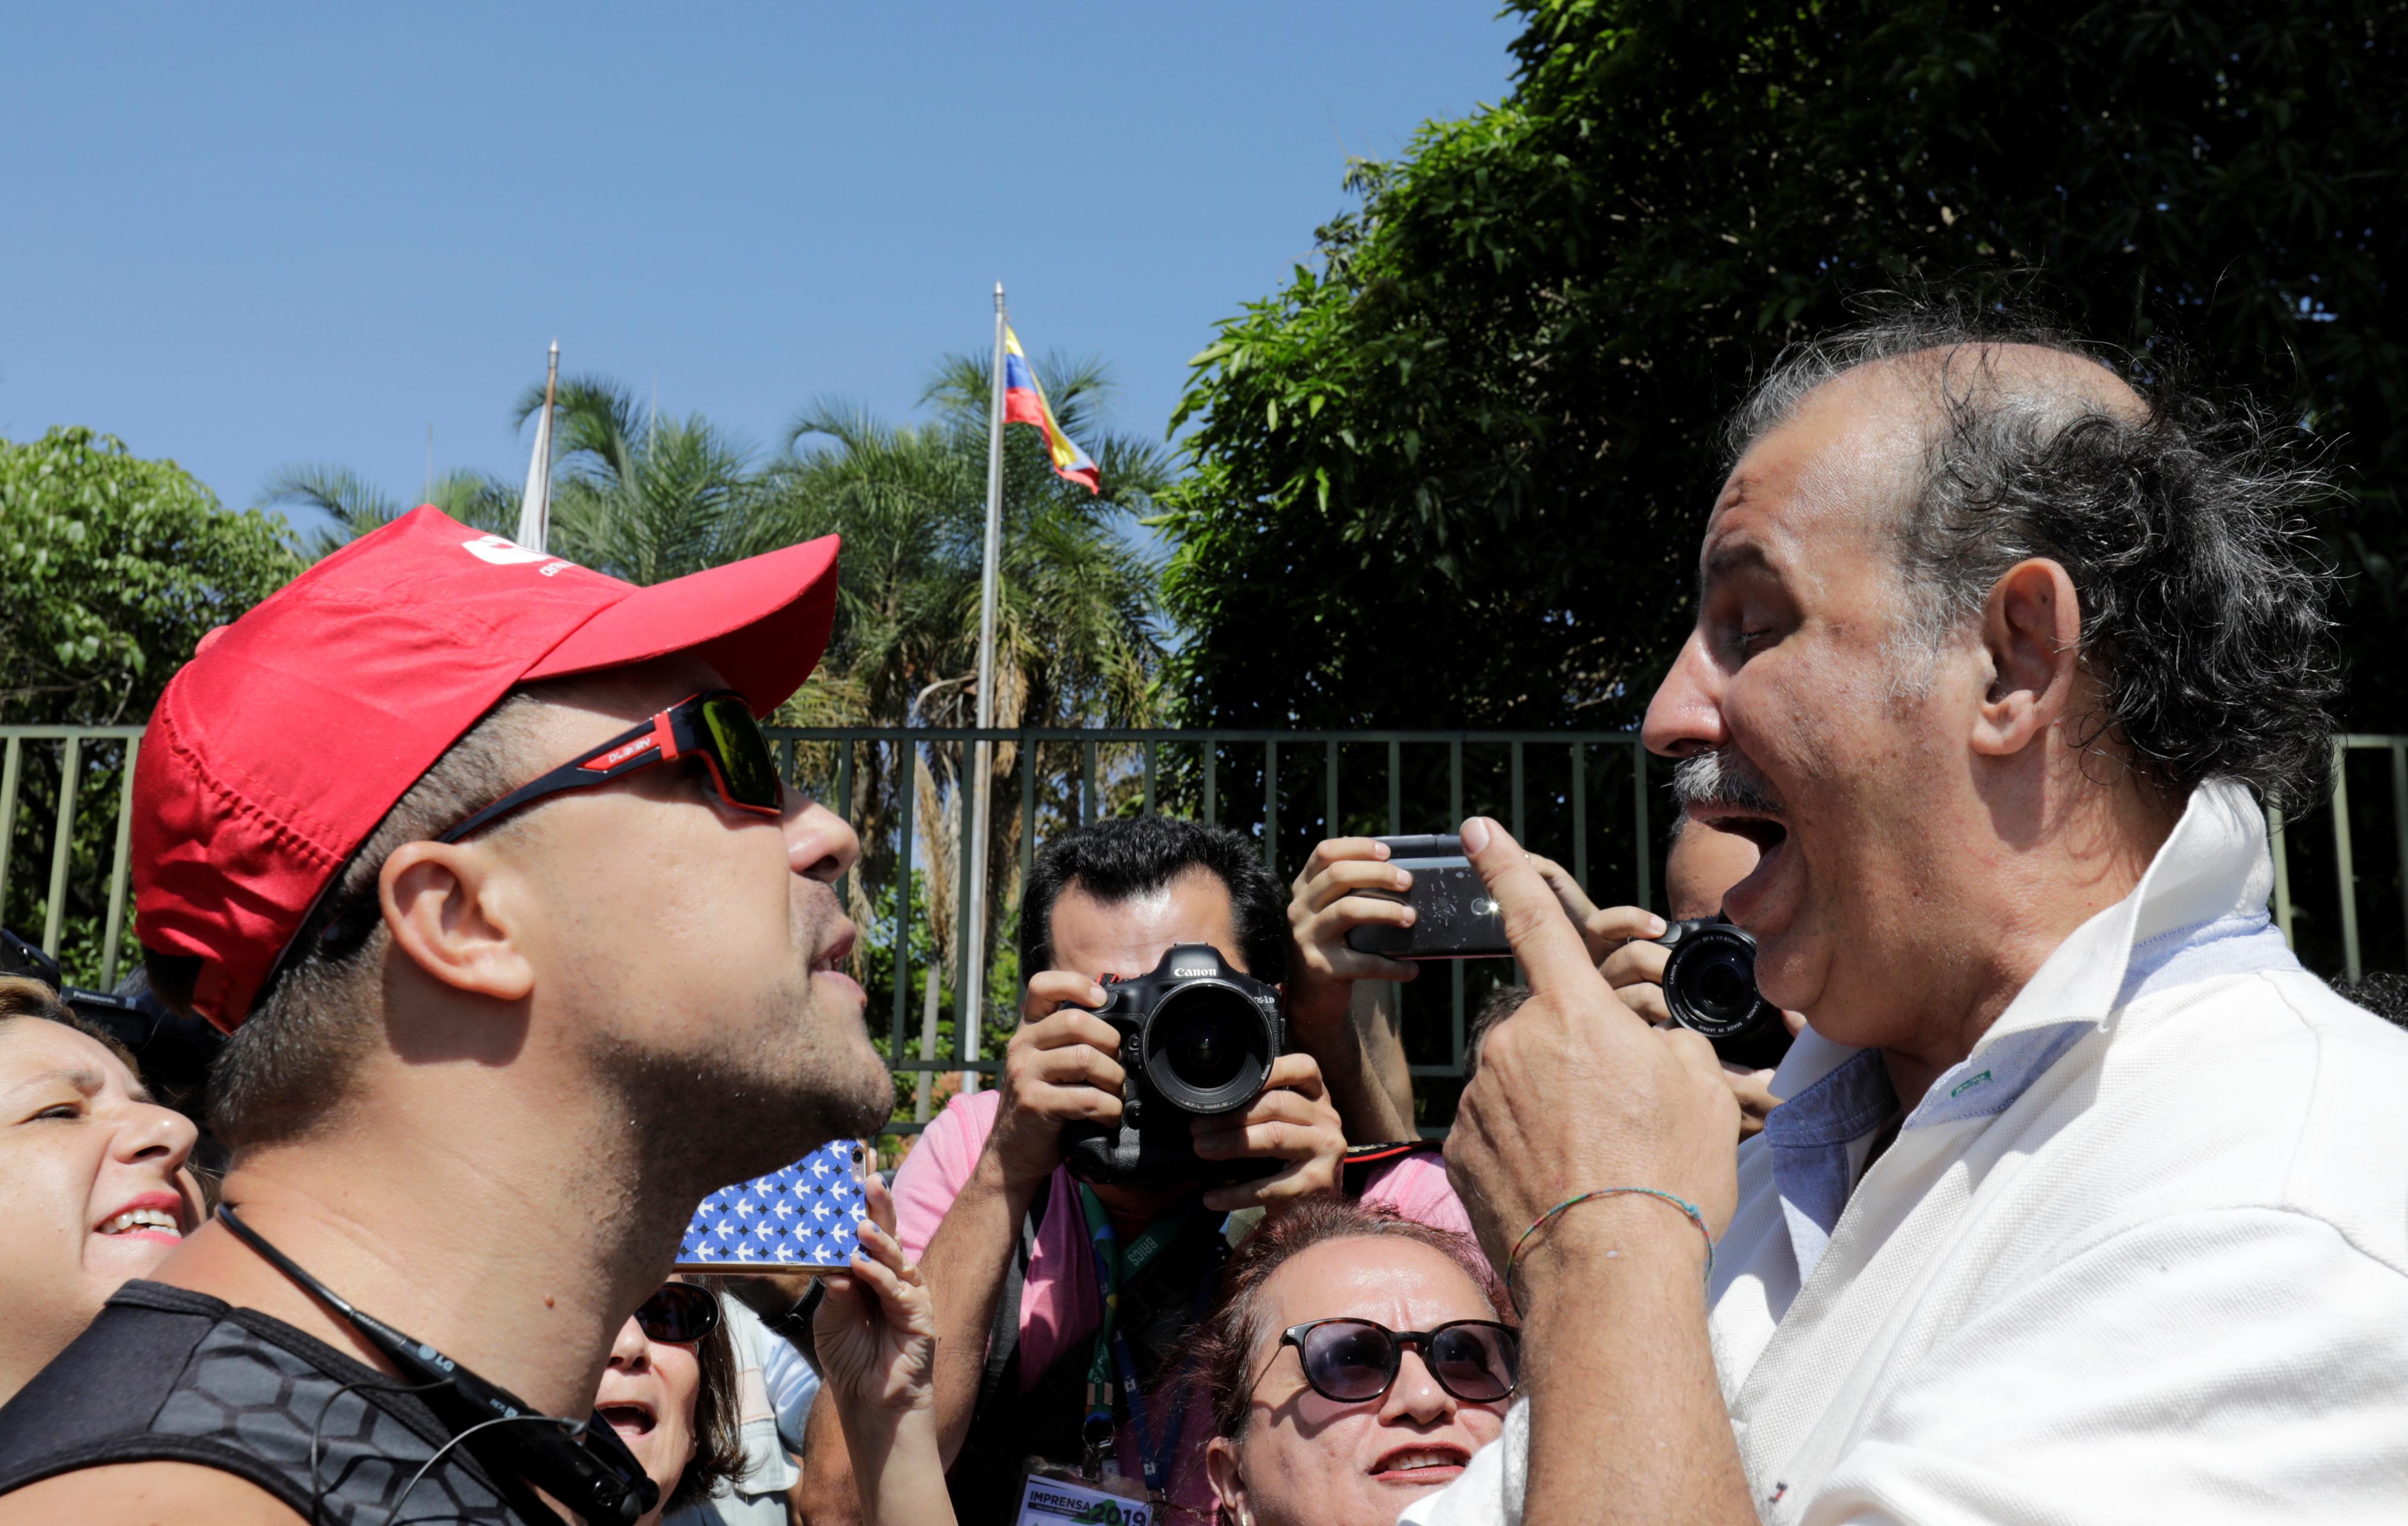 Cara a cara: un seguidor de Maduro, a la izquierda, discute con uno de Juan Guaidó, Alberto Palomo, en la puerta de la sede diplomática